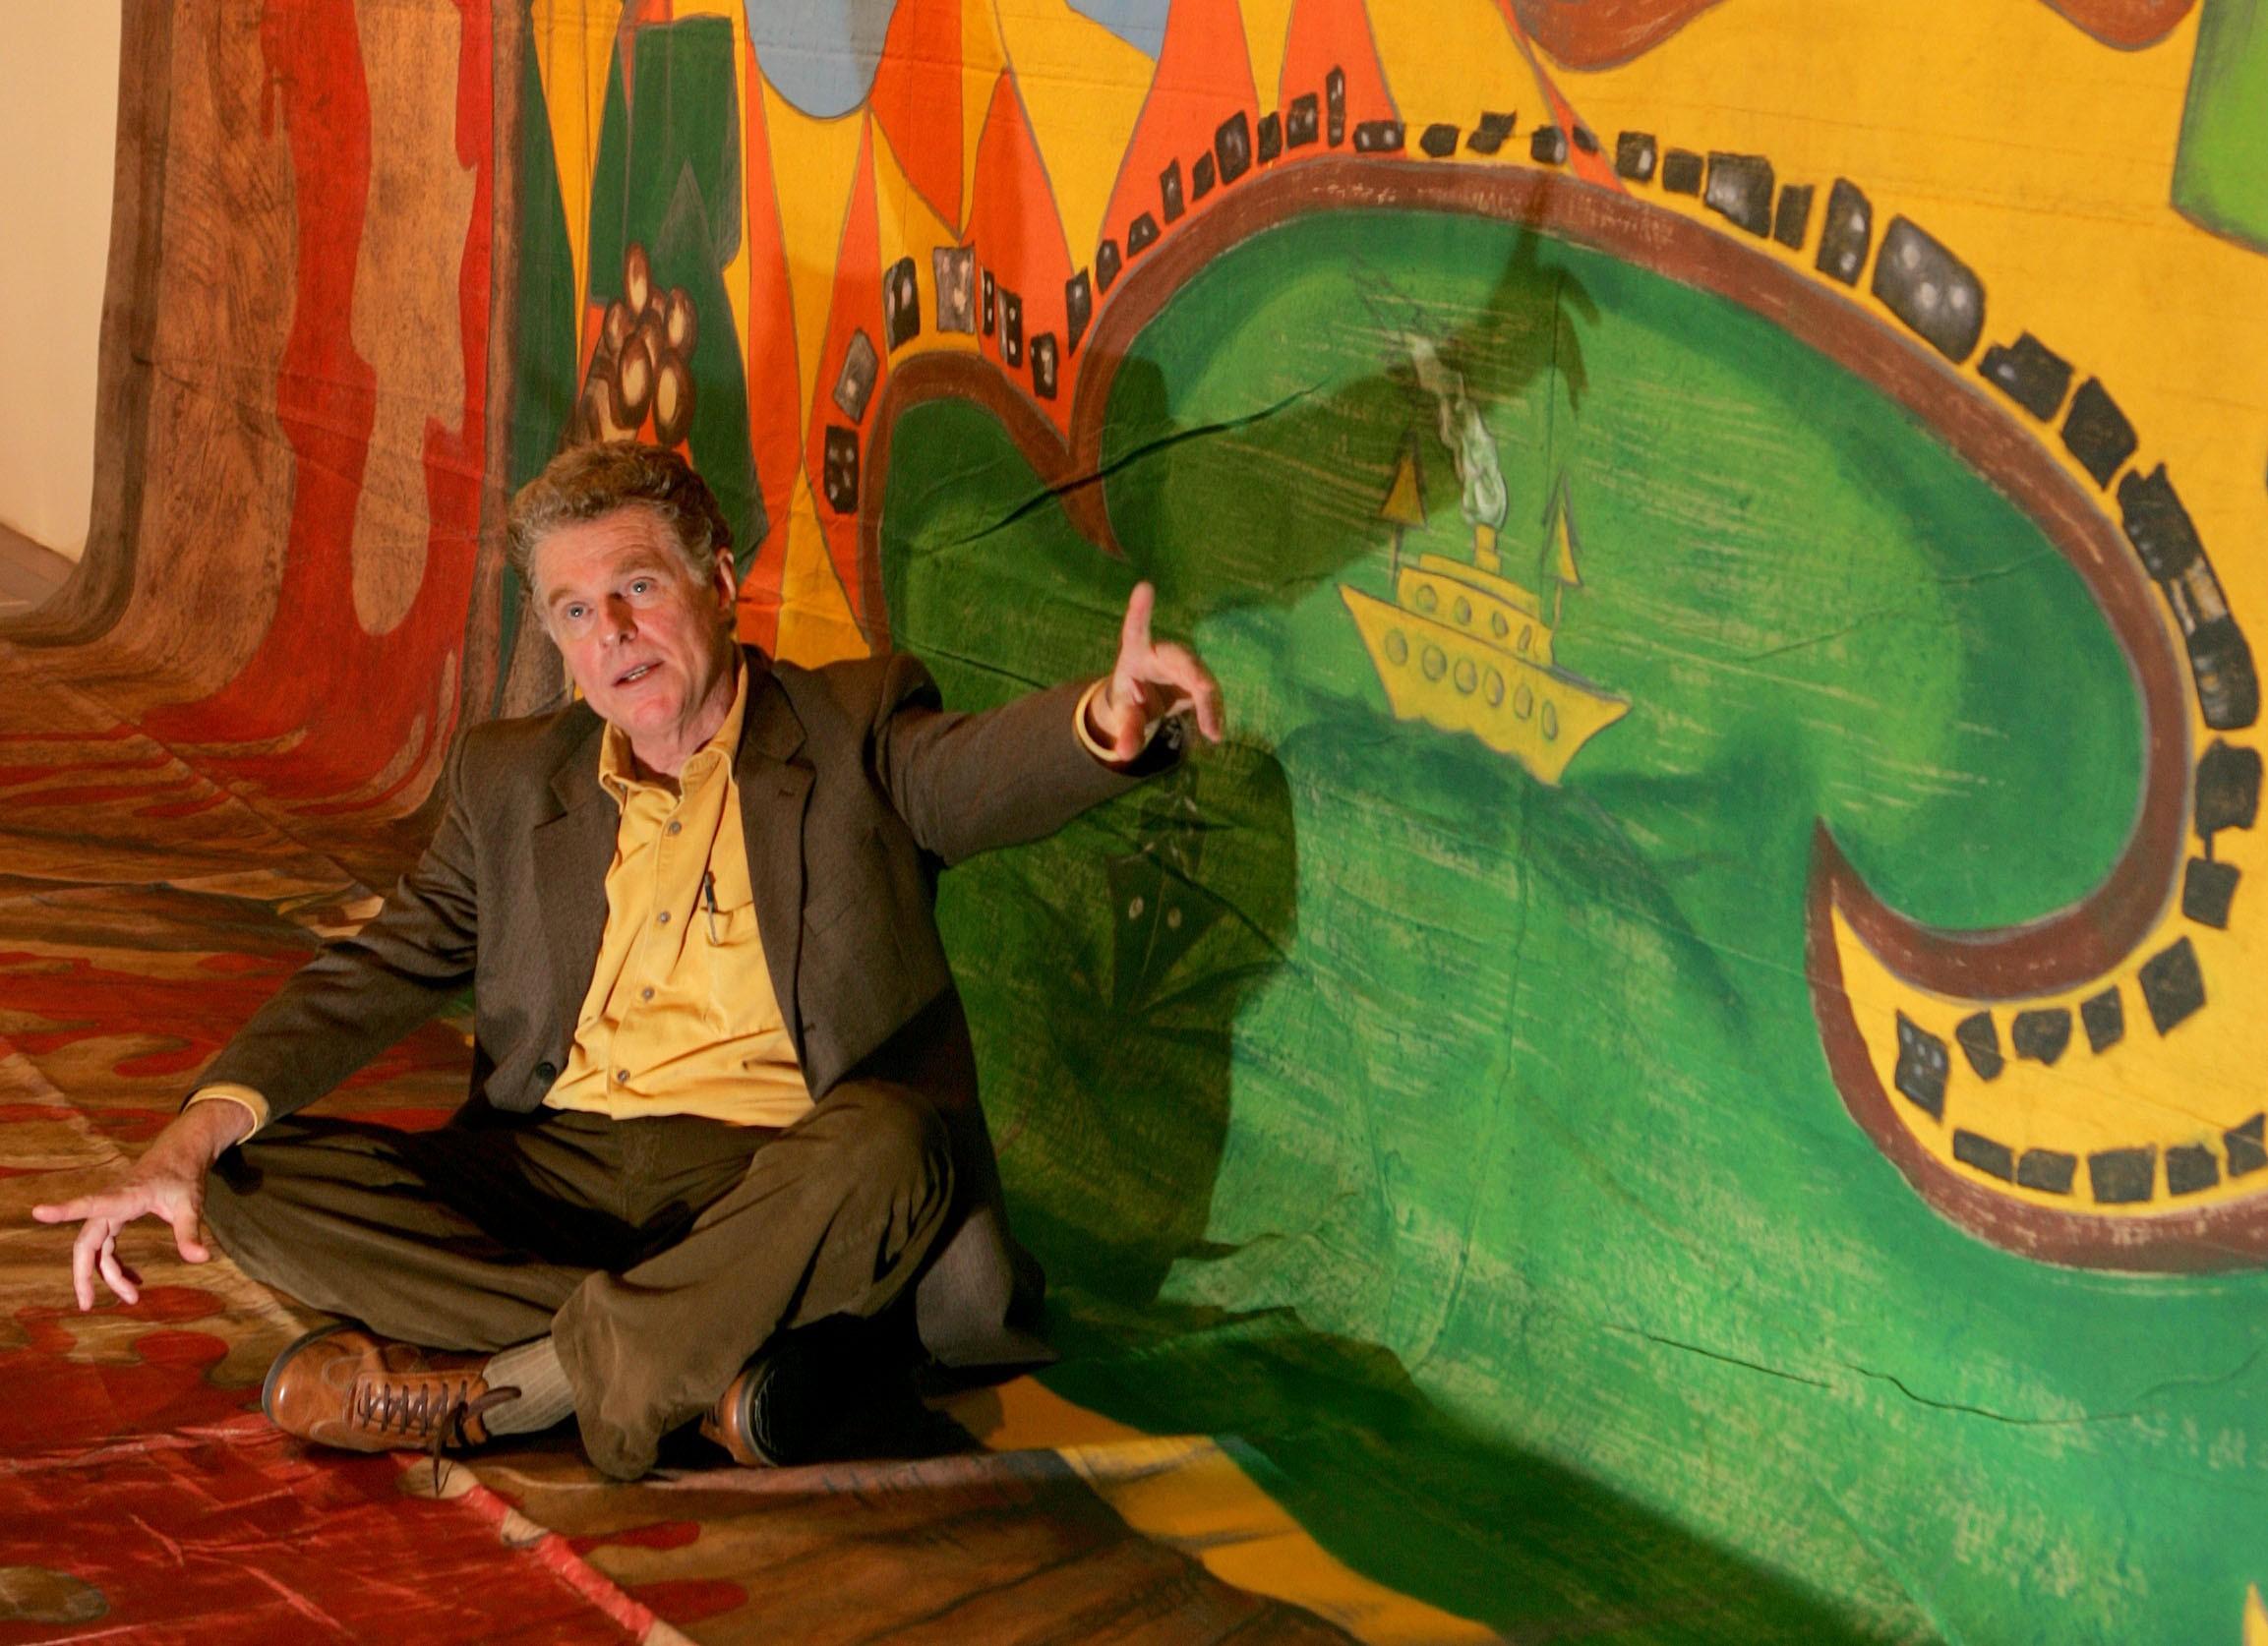 Helio Eichbauer: cenógrafo que marcou teatro, música e cinema no Brasil morre aos 76 anos no Rio